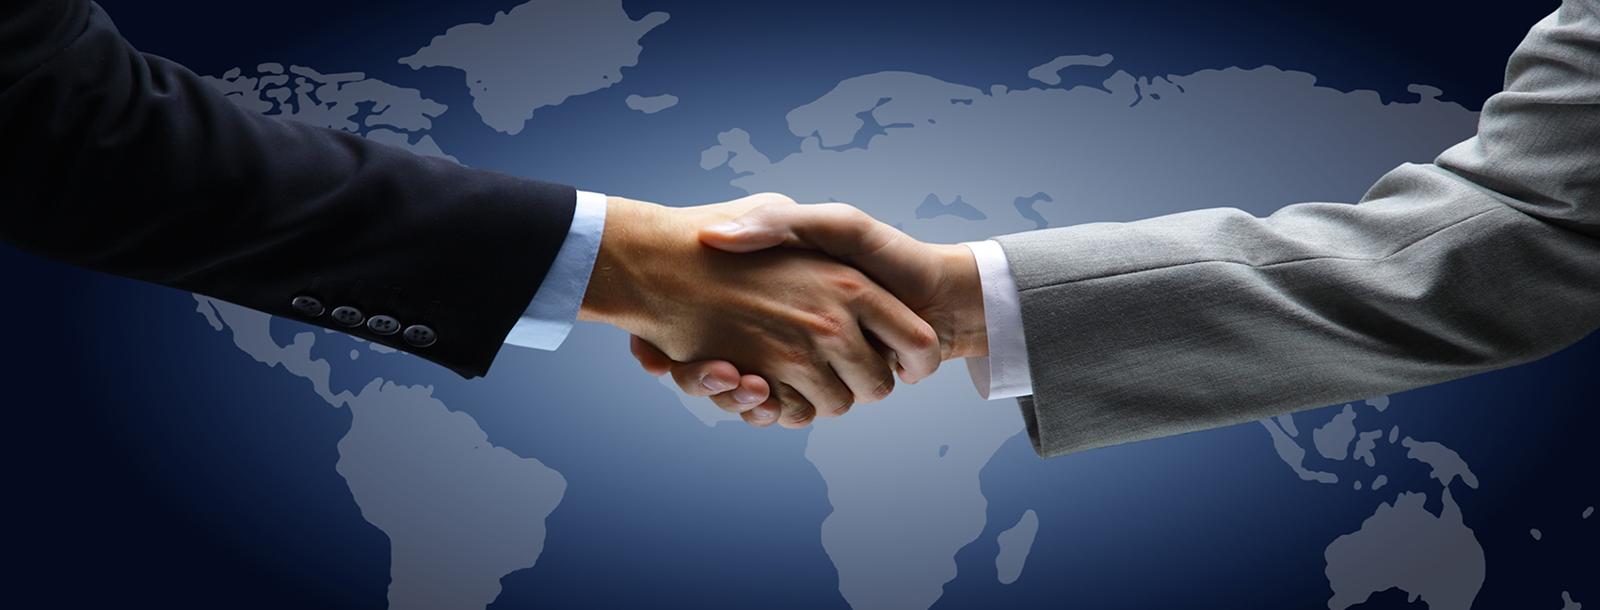 ثبت شرکت ثبت شعبه سرمایه گذاری اقامت اتباع خارجه در ایران (۱)